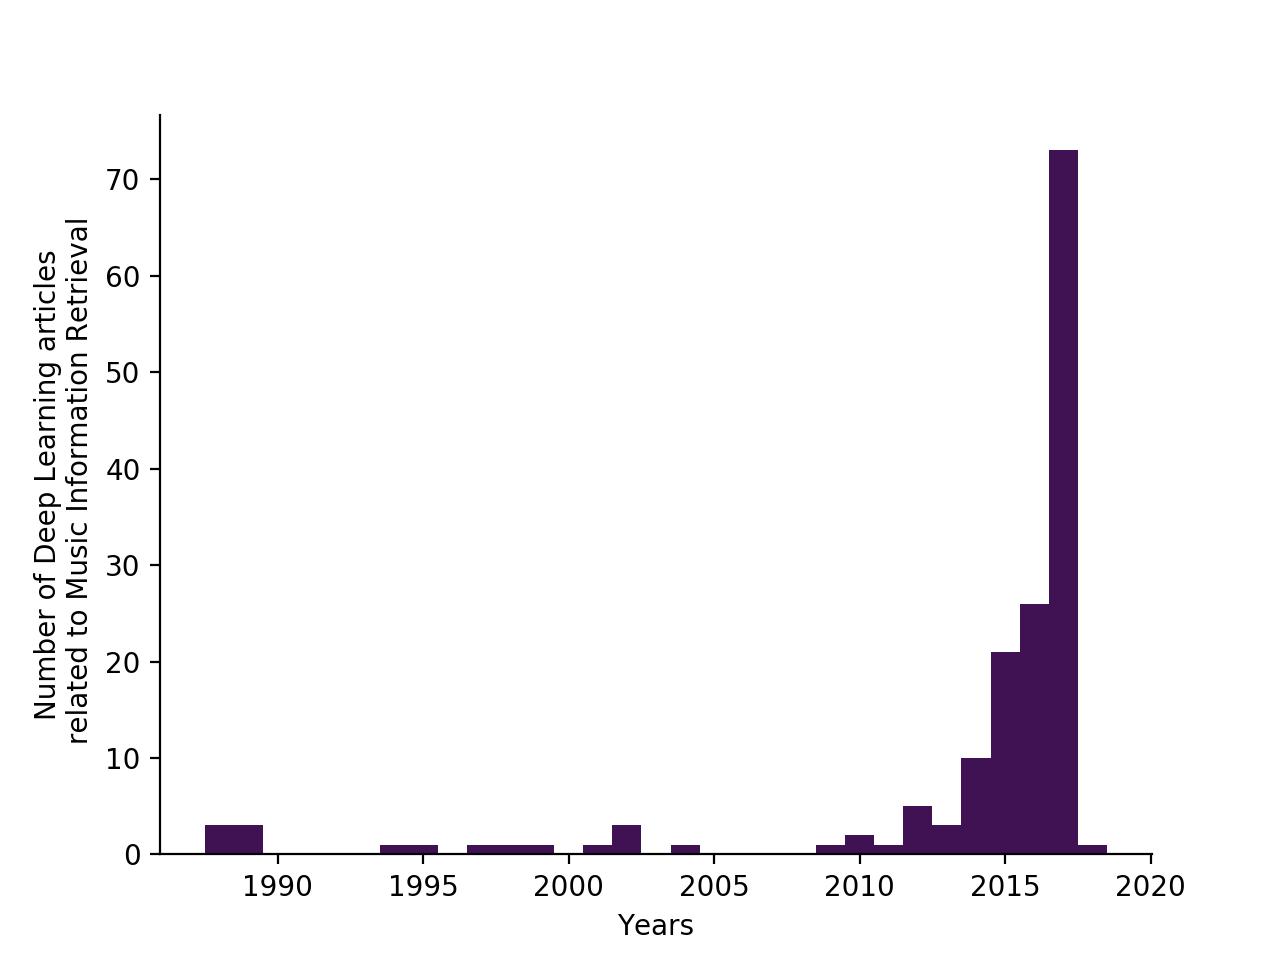 Znaczący wzrost publikacji zanotowany w ostatnich latach